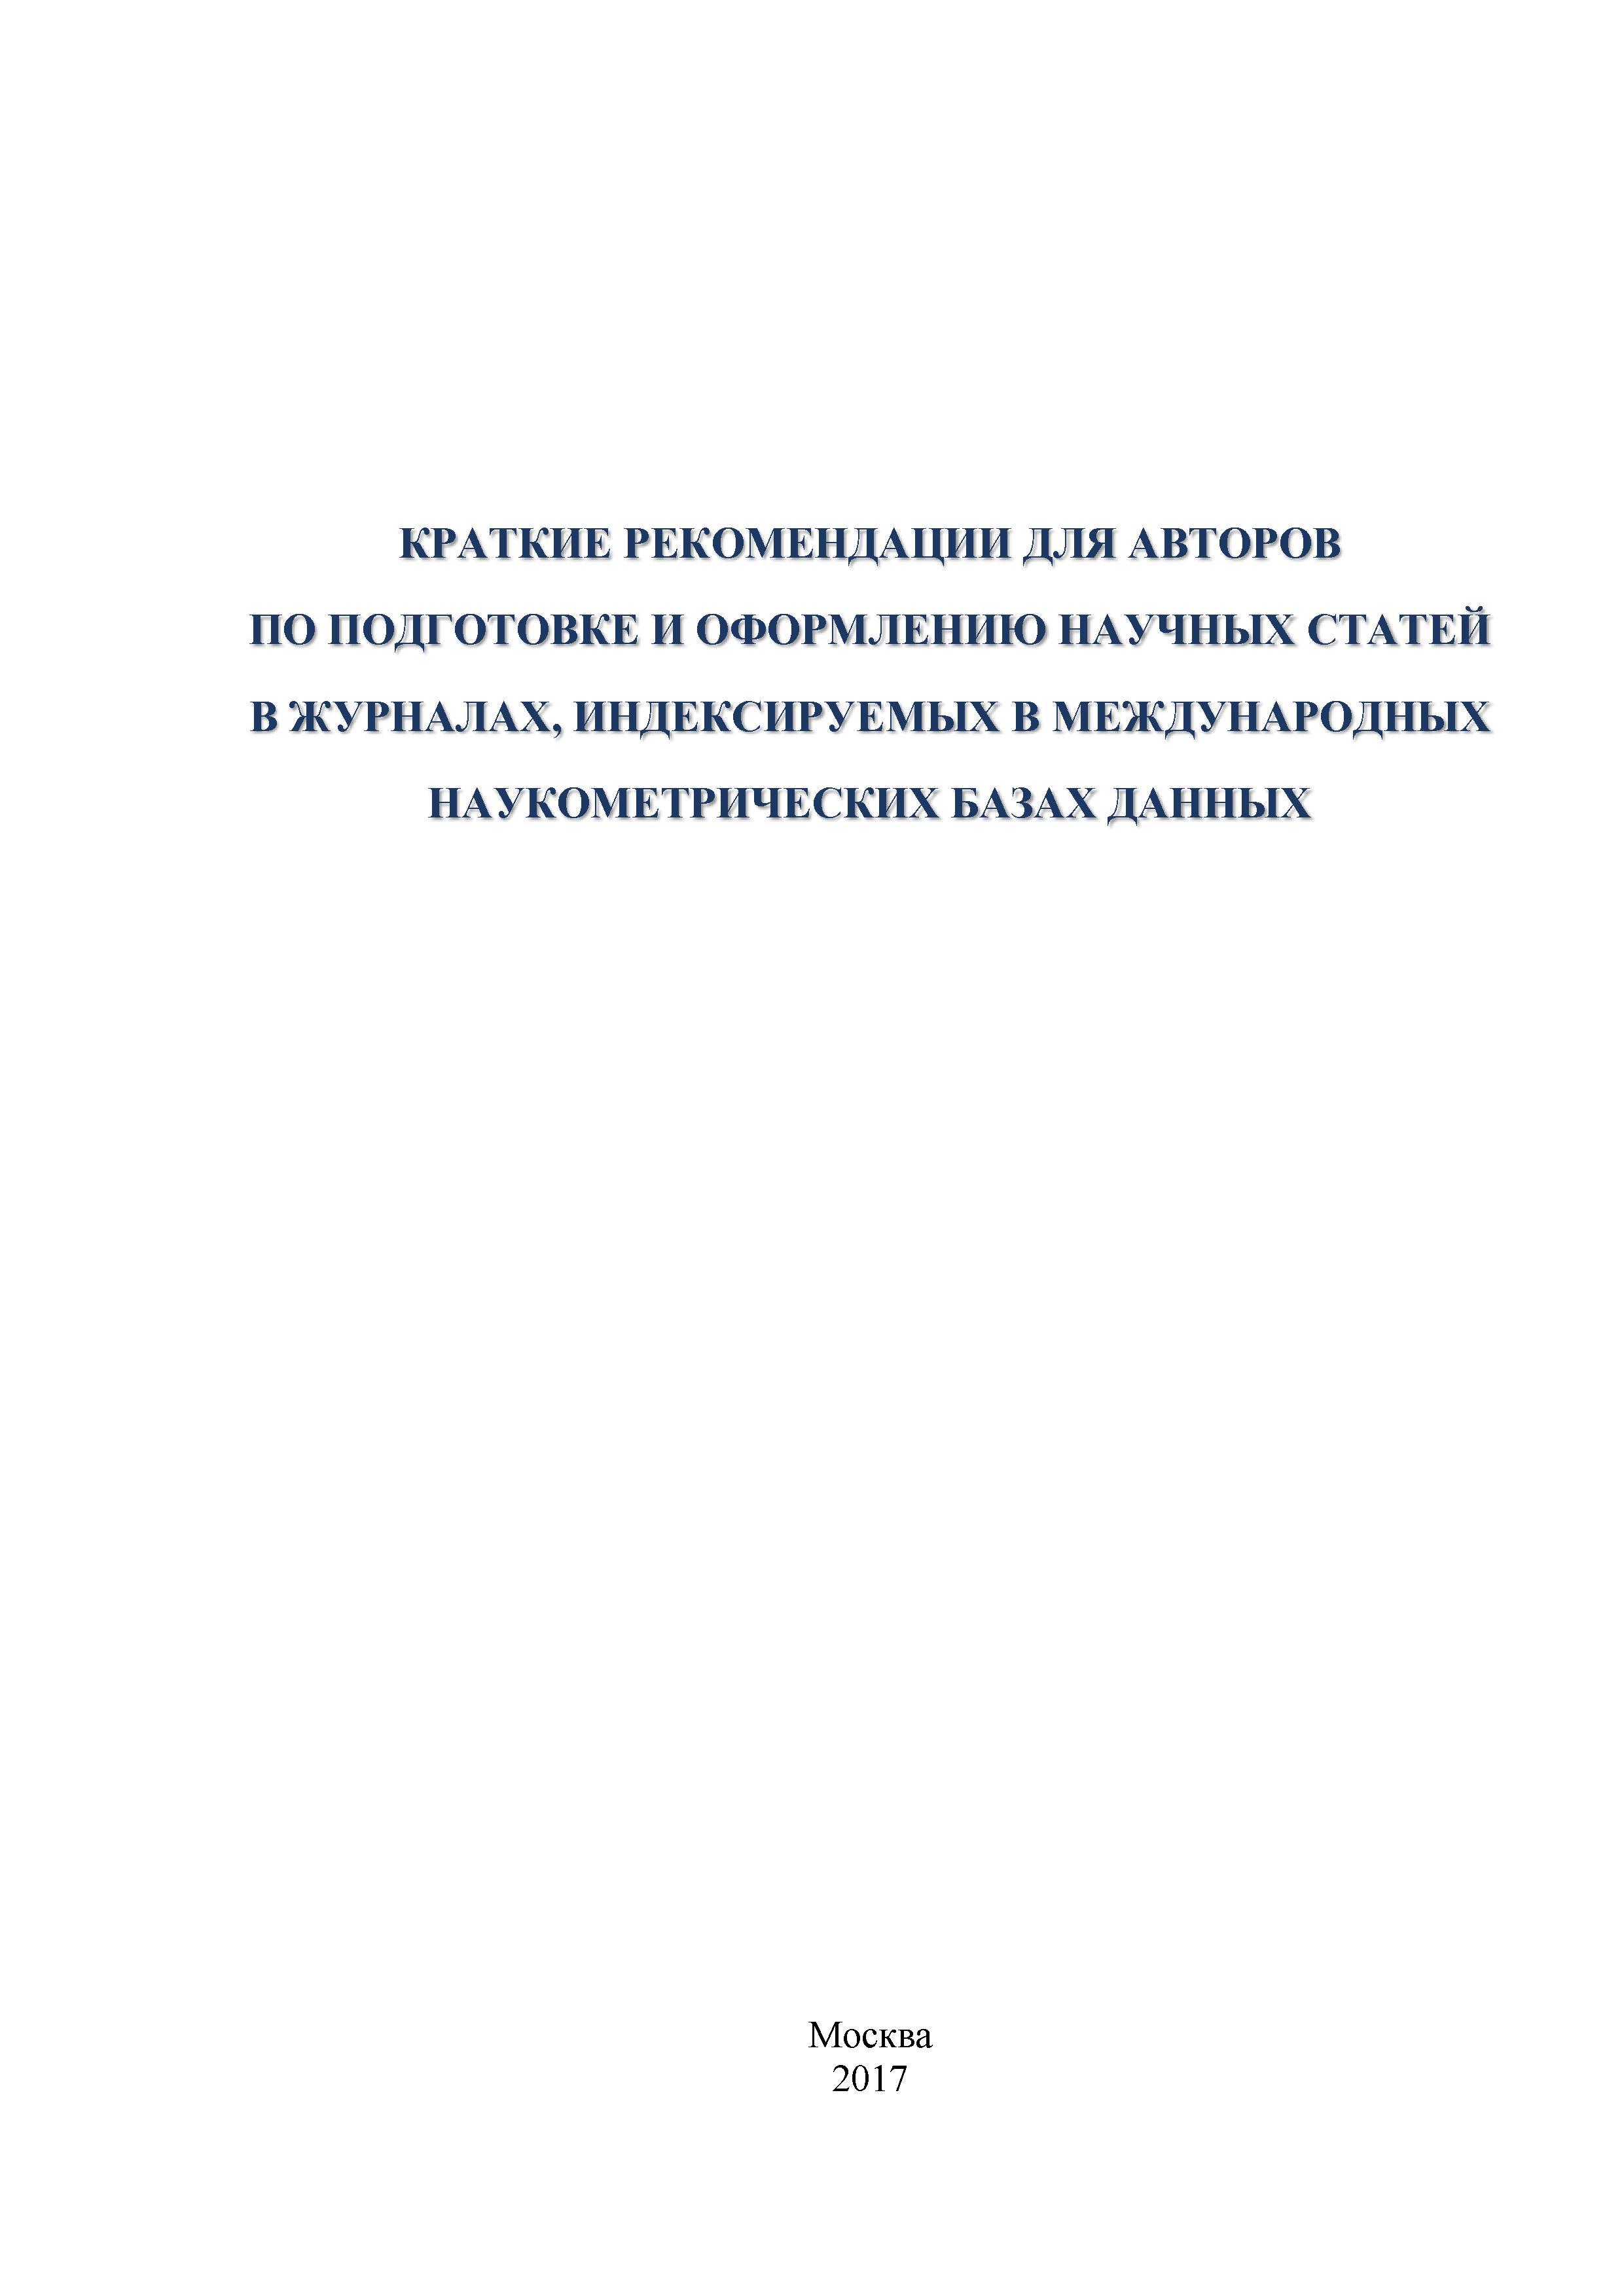 Краткие рекомендации для авторов по подготовке и оформлению научных статей в журналах, индексируемых в международных наукометрических базах данных